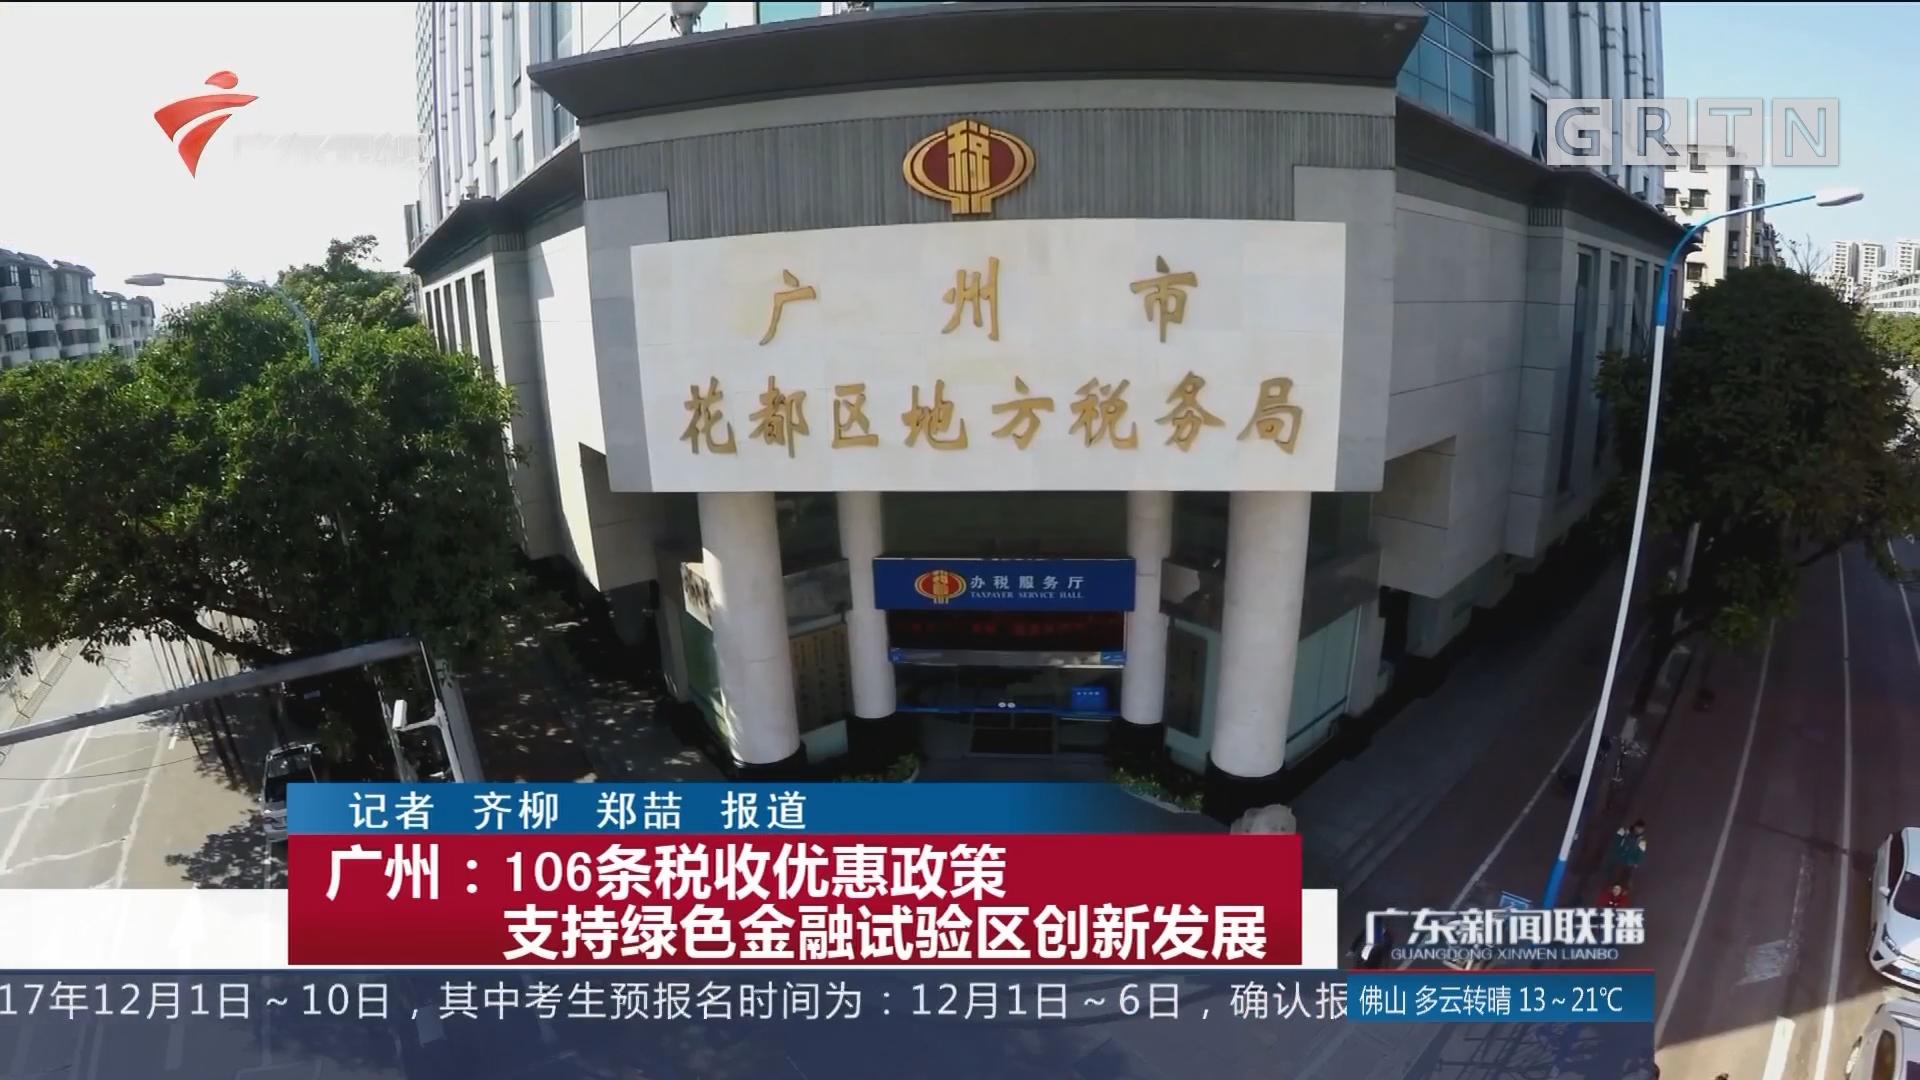 广州:106条税收优惠政策 支持绿色金融试验区创新发展